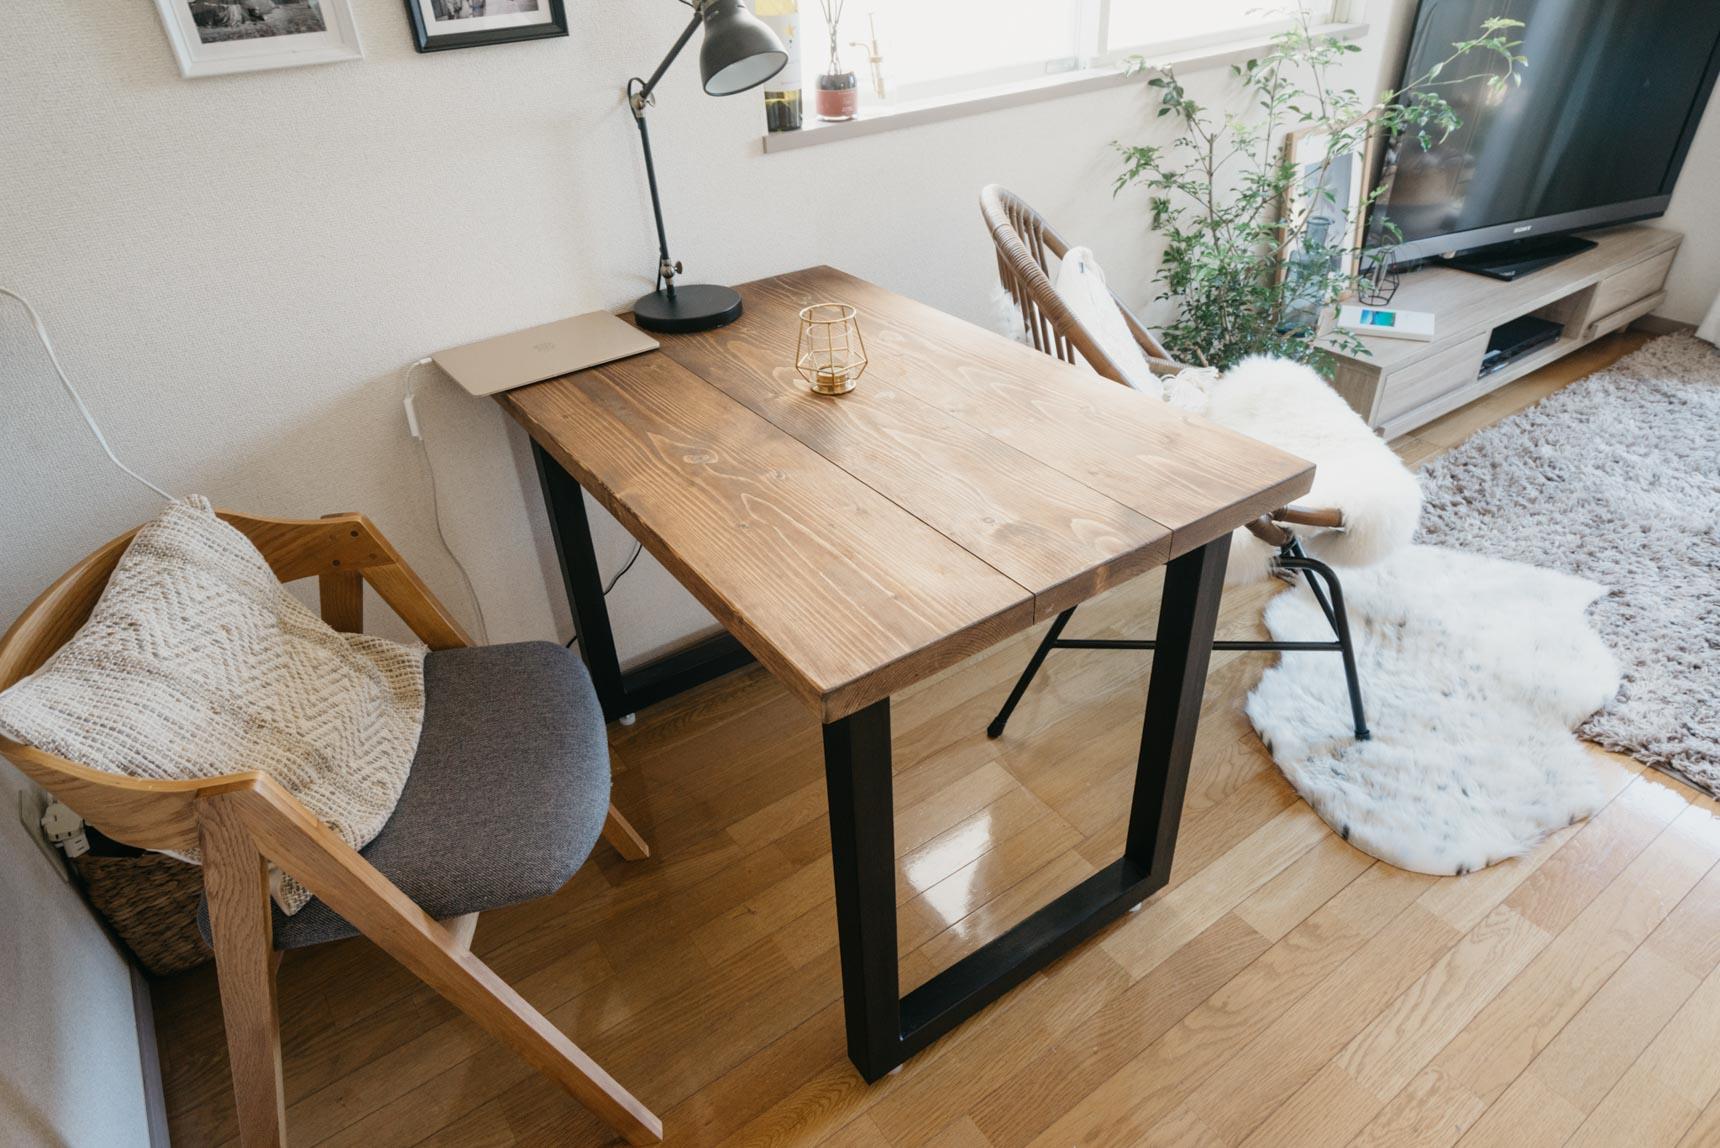 ひとり暮らしでも、ダイニングテーブルが置けるお部屋って、イイ。